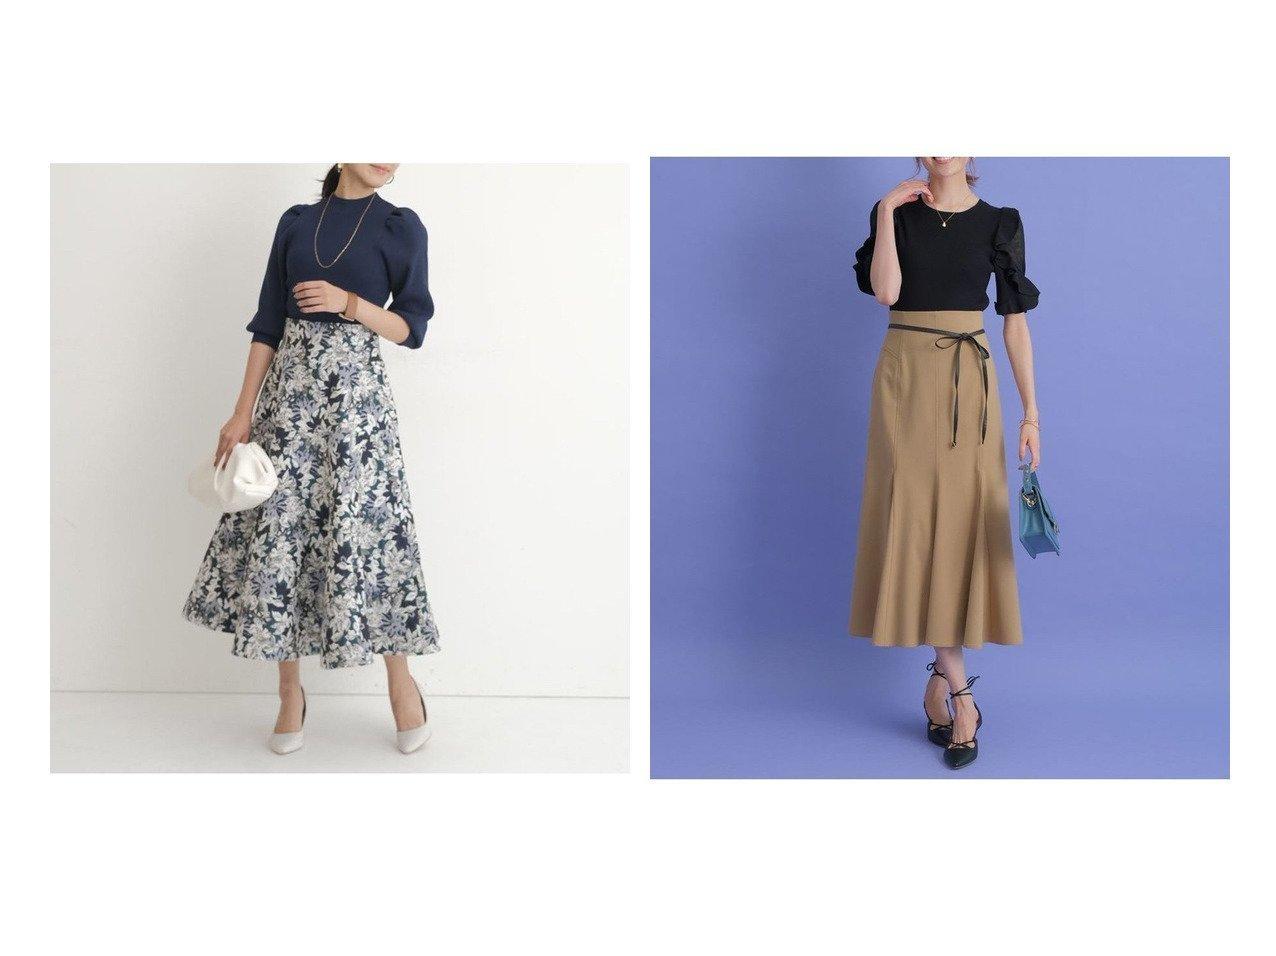 【JUSGLITTY/ジャスグリッティー】のジャガードスカート&【Apuweiser-riche/アプワイザーリッシェ】の洗えるハイウエストマーメイドスカート 【スカート】おすすめ!人気、トレンド・レディースファッションの通販   おすすめで人気の流行・トレンド、ファッションの通販商品 インテリア・家具・メンズファッション・キッズファッション・レディースファッション・服の通販 founy(ファニー) https://founy.com/ ファッション Fashion レディースファッション WOMEN スカート Skirt Aライン/フレアスカート Flared A-Line Skirts ギャザー フレア ヘムライン NEW・新作・新着・新入荷 New Arrivals エレガント マーメイド 洗える  ID:crp329100000065915